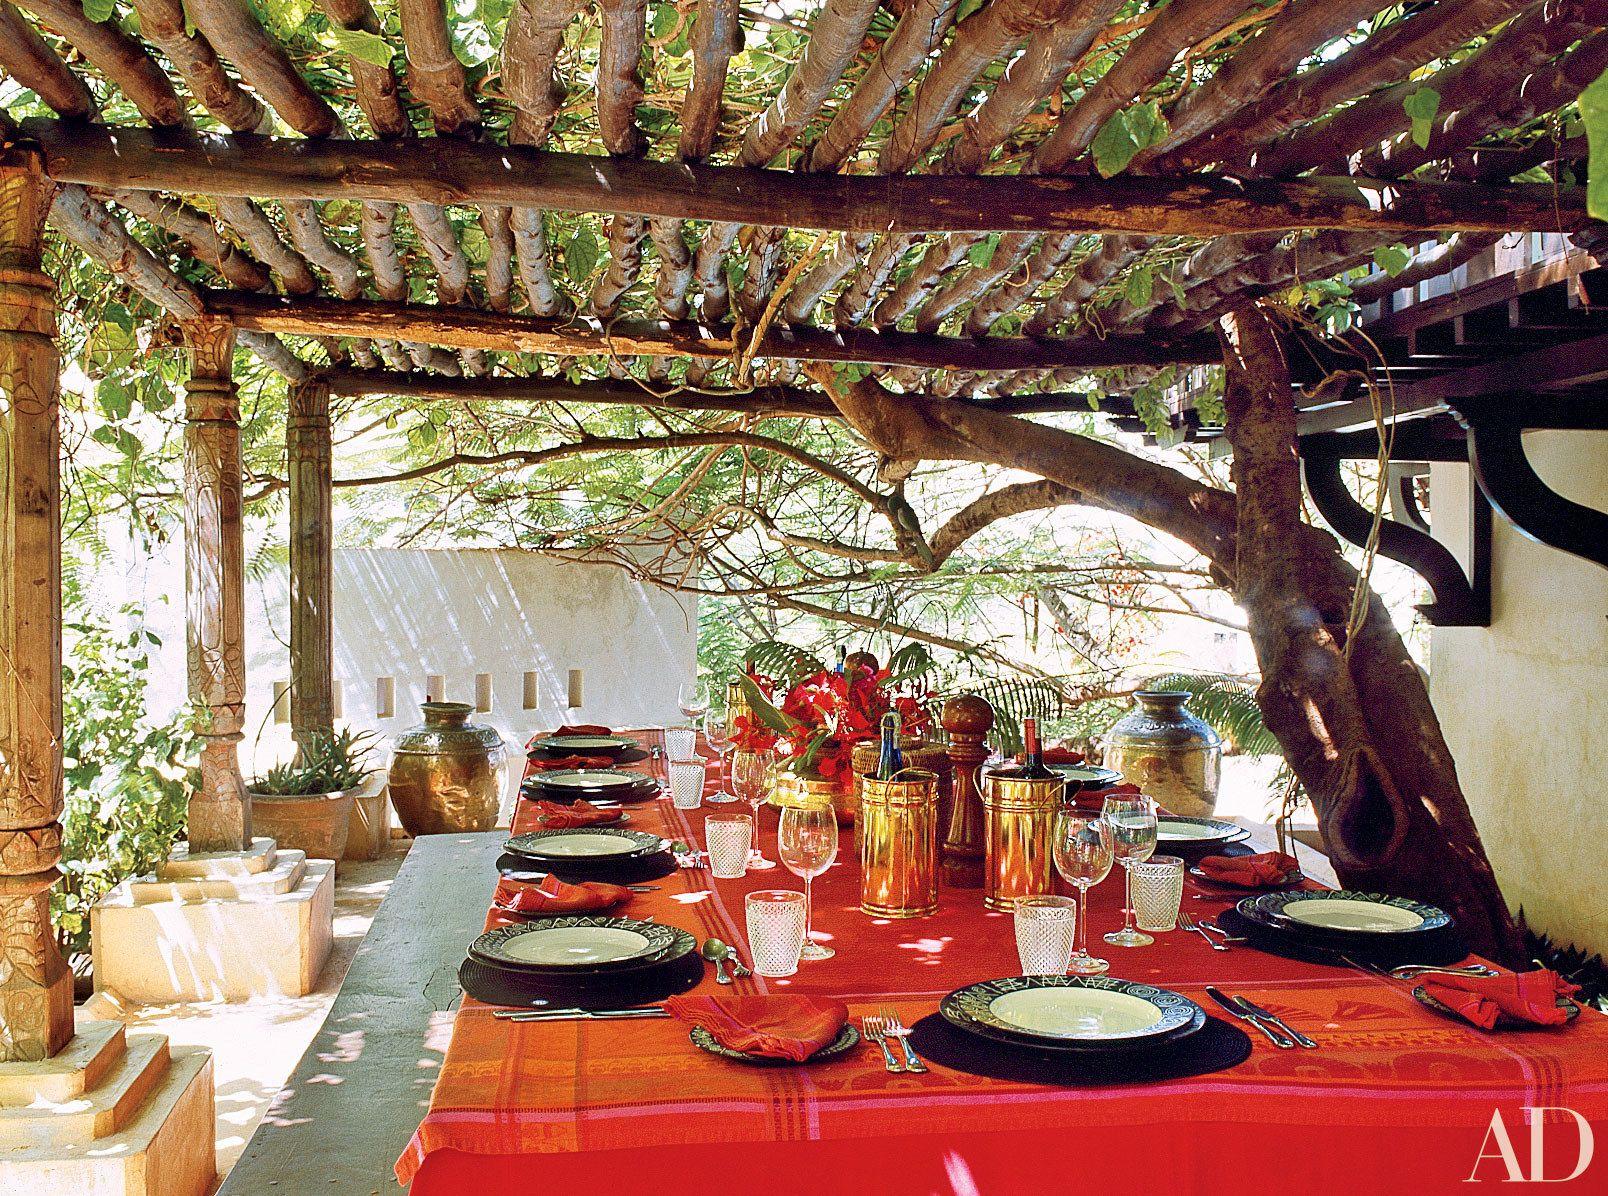 Garden decor trellis  Why You Should Add a Pergola to Your Yard  Bhordawn  Pinterest